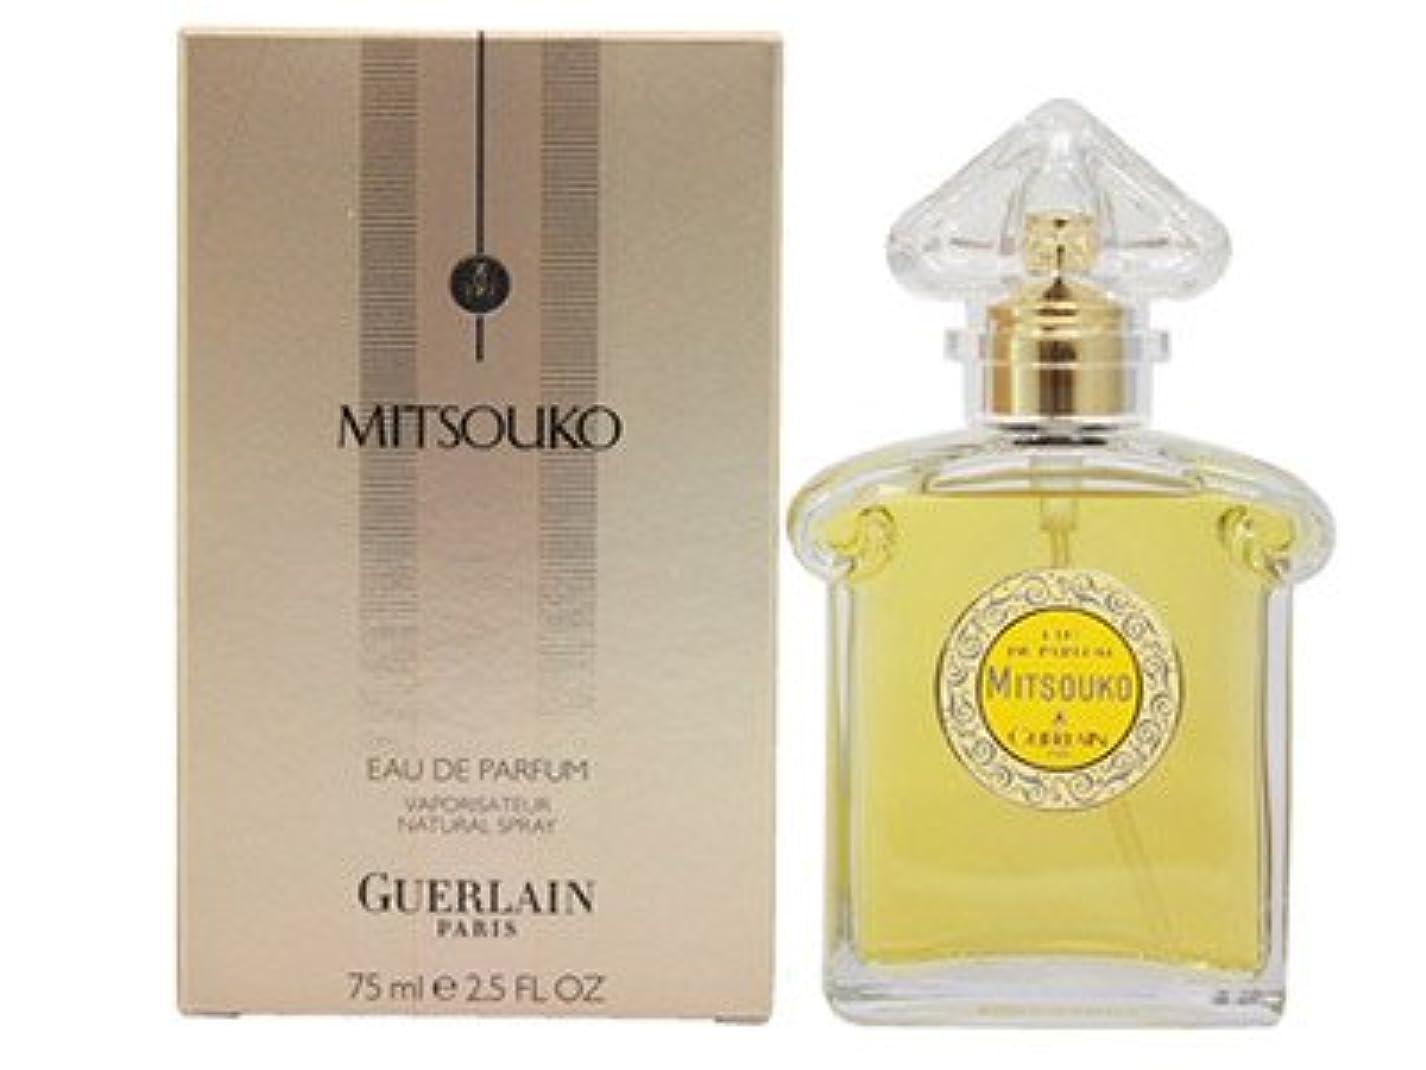 怠けた深遠裏切るGUERLAIN ゲラン ミツコ オーデパルファム 75ml SP レディース 香水 (並行輸入品)